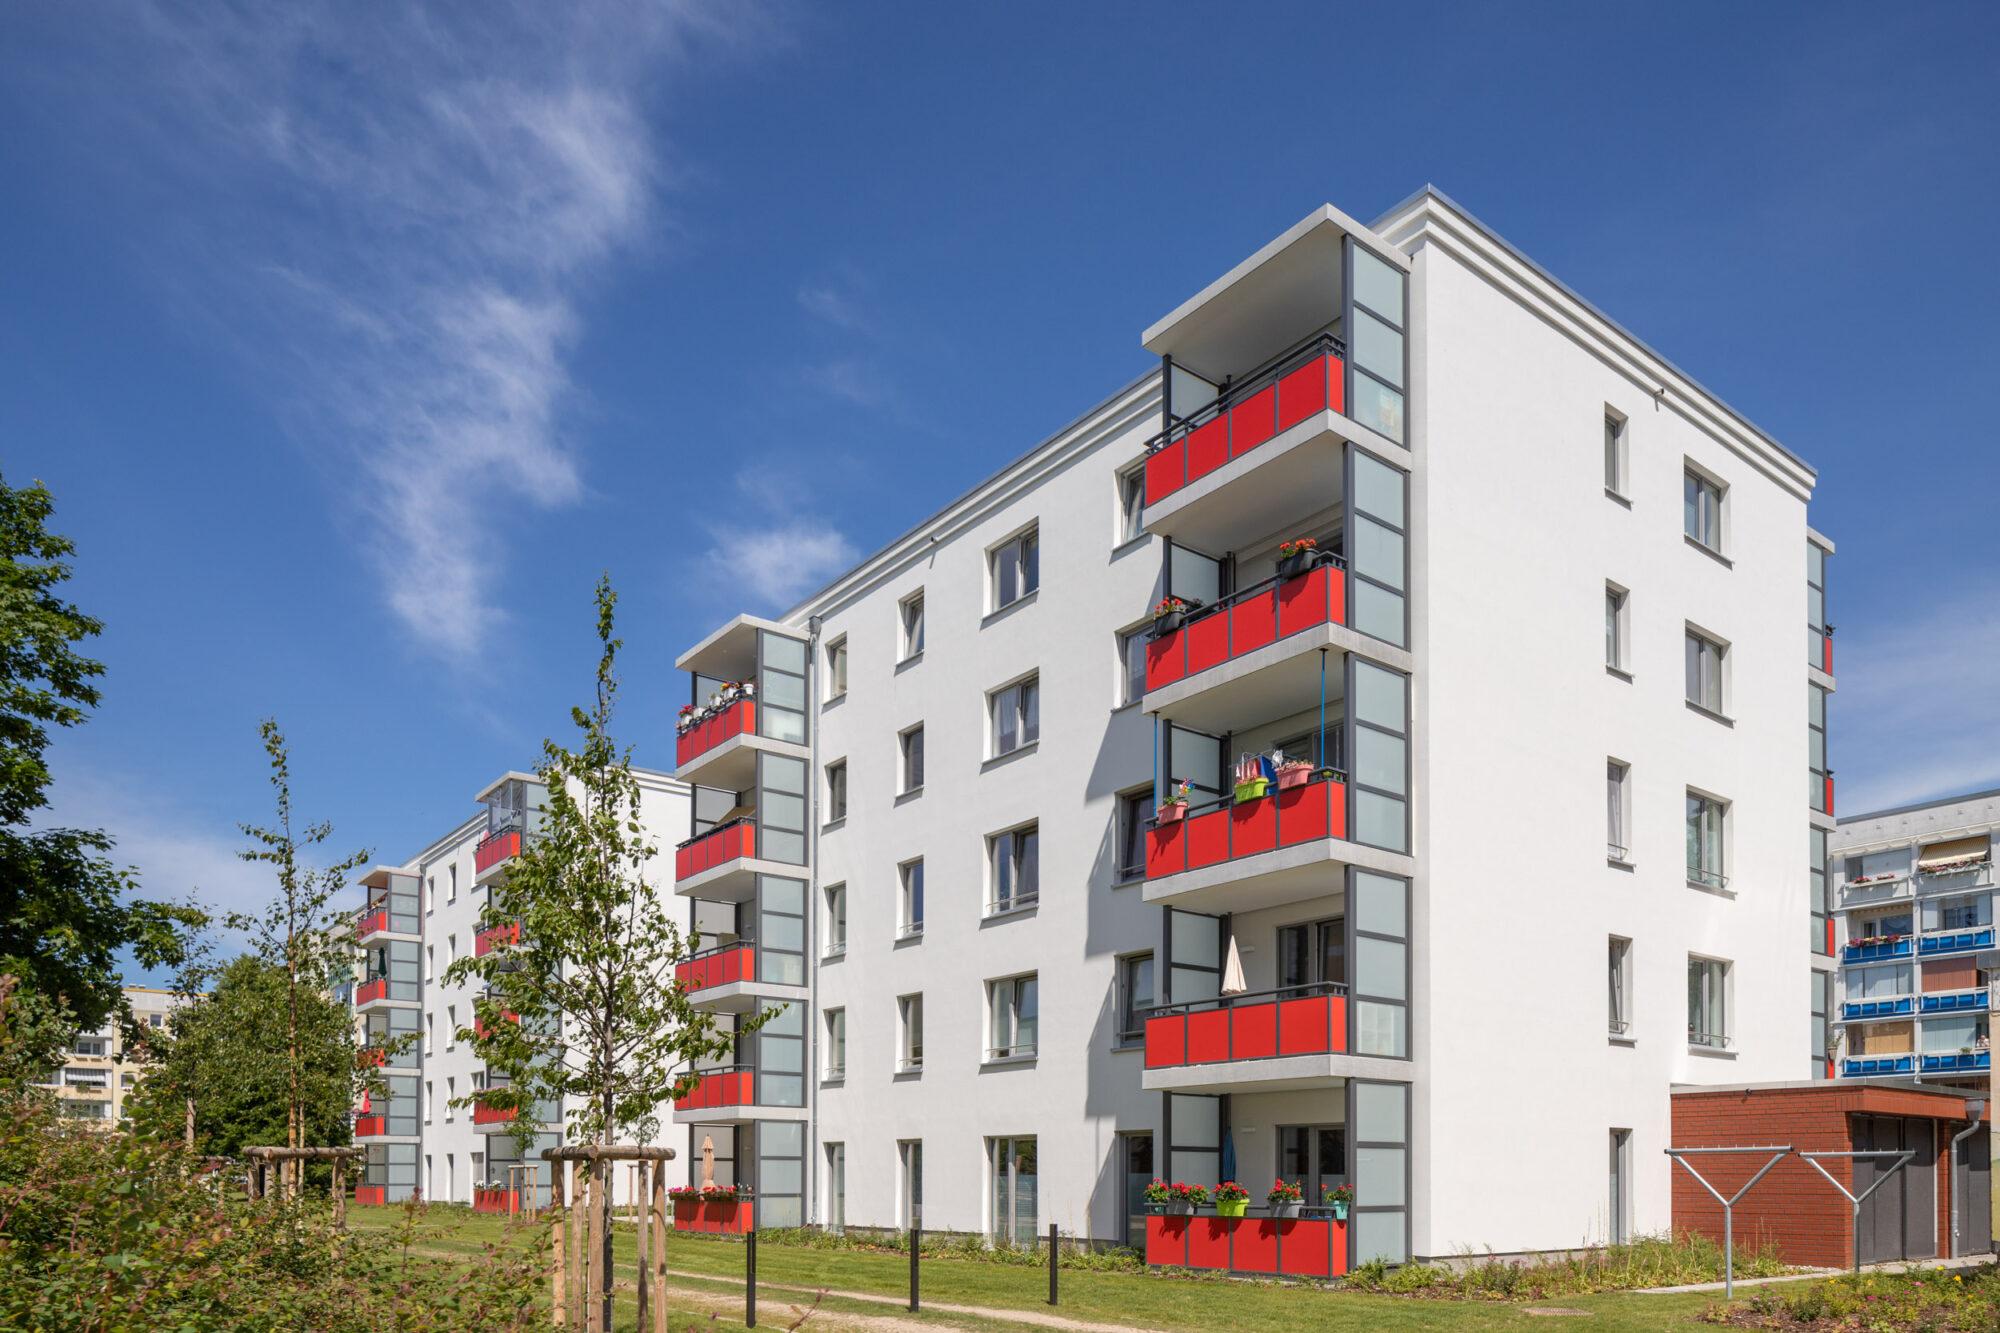 Vitus Bering Straße in Rostock, Doppelbau